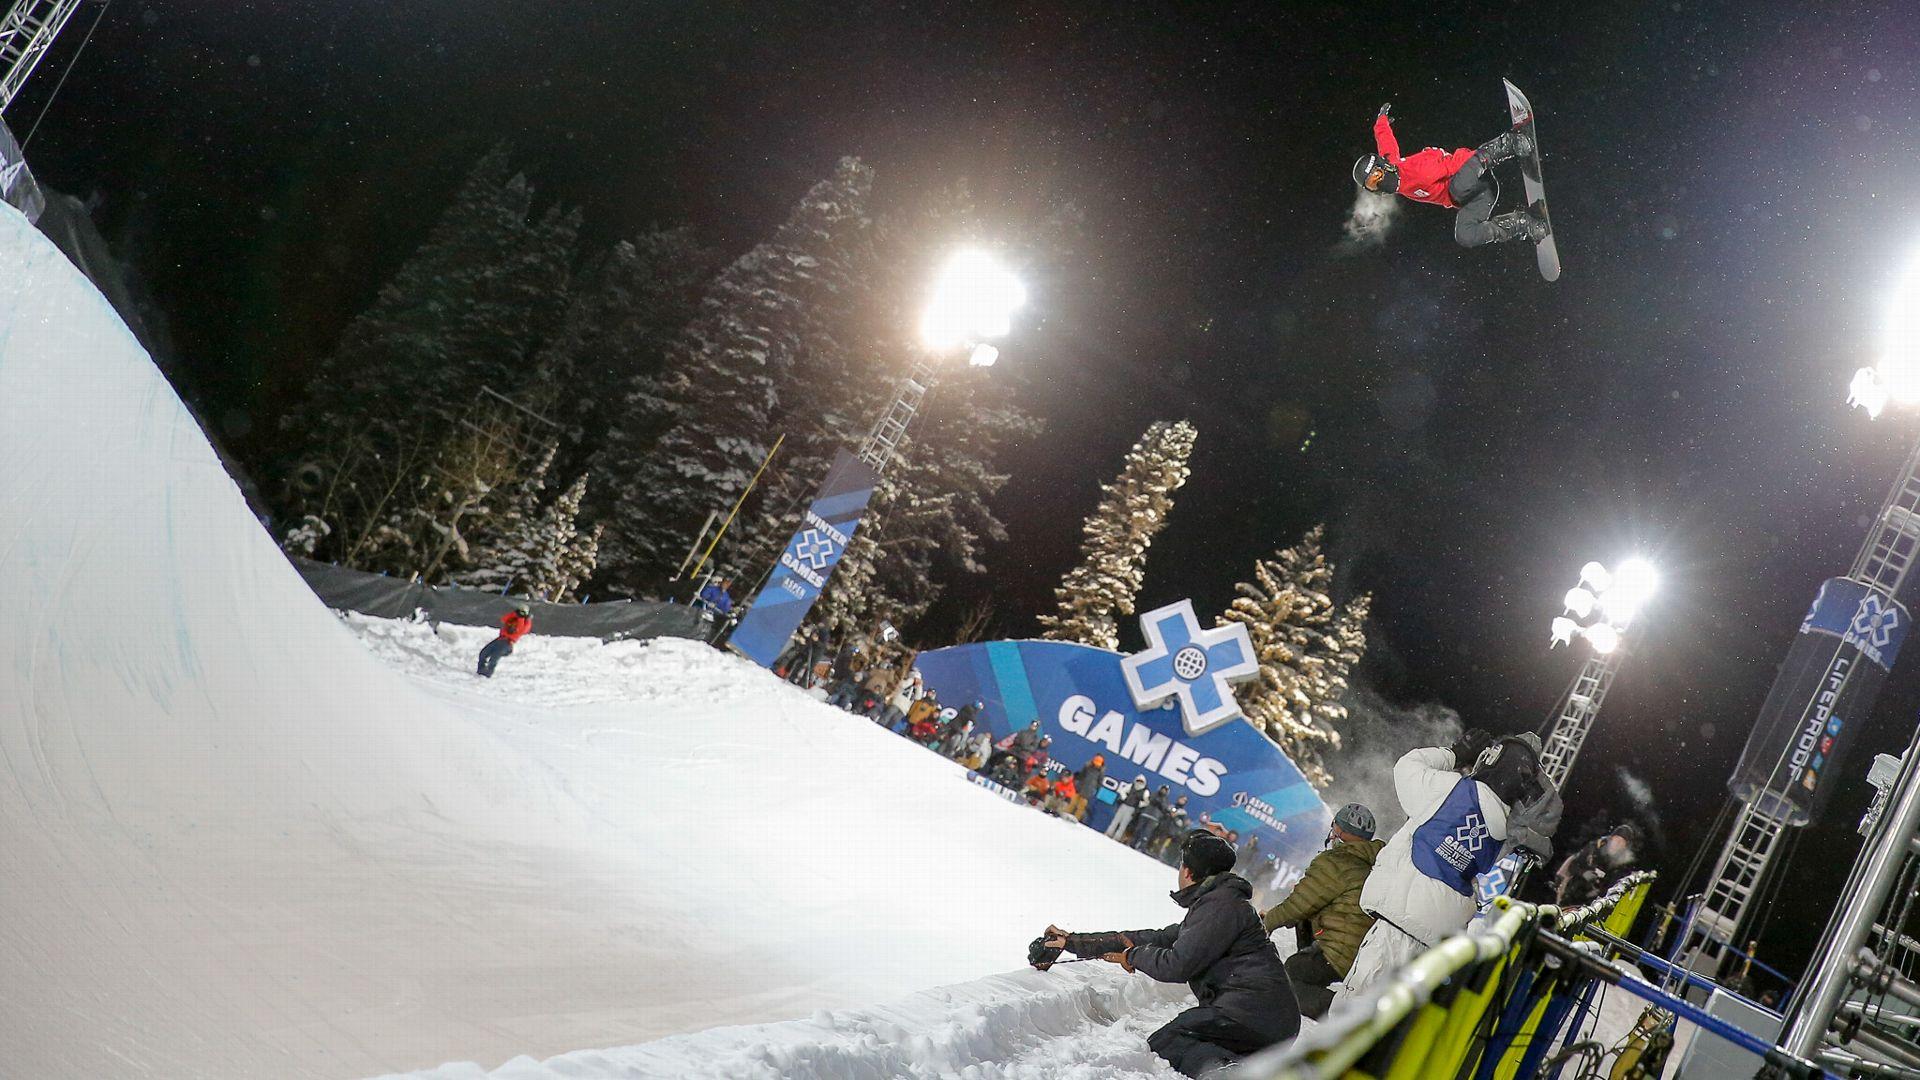 Résultats des X-Games 2017 à Aspen dans le Colorado